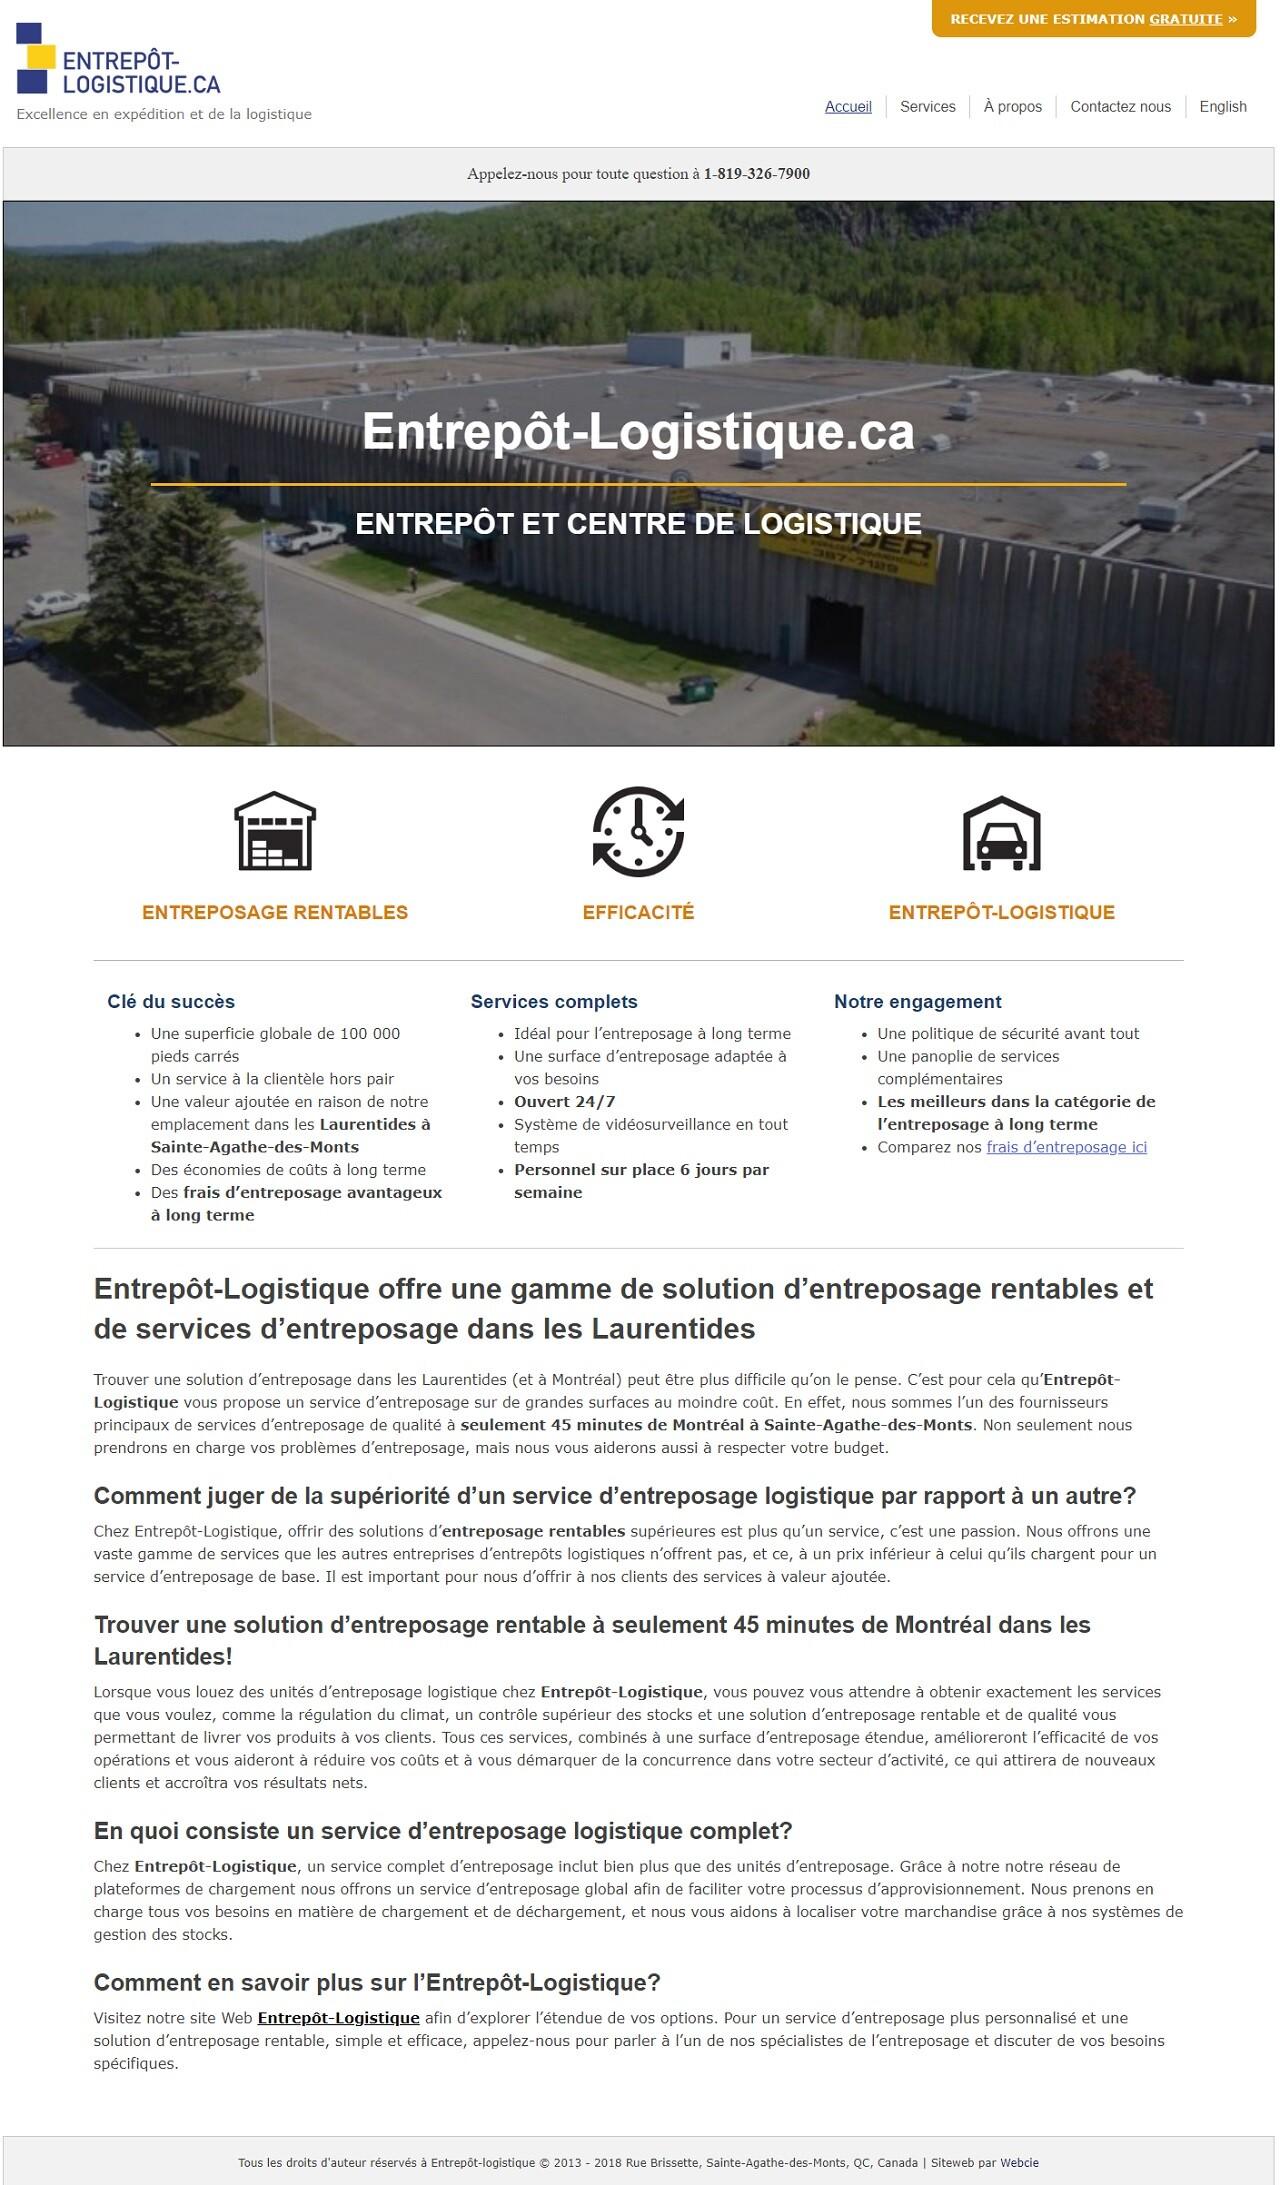 Entrepot Logistique, WebCie portfolio, photo